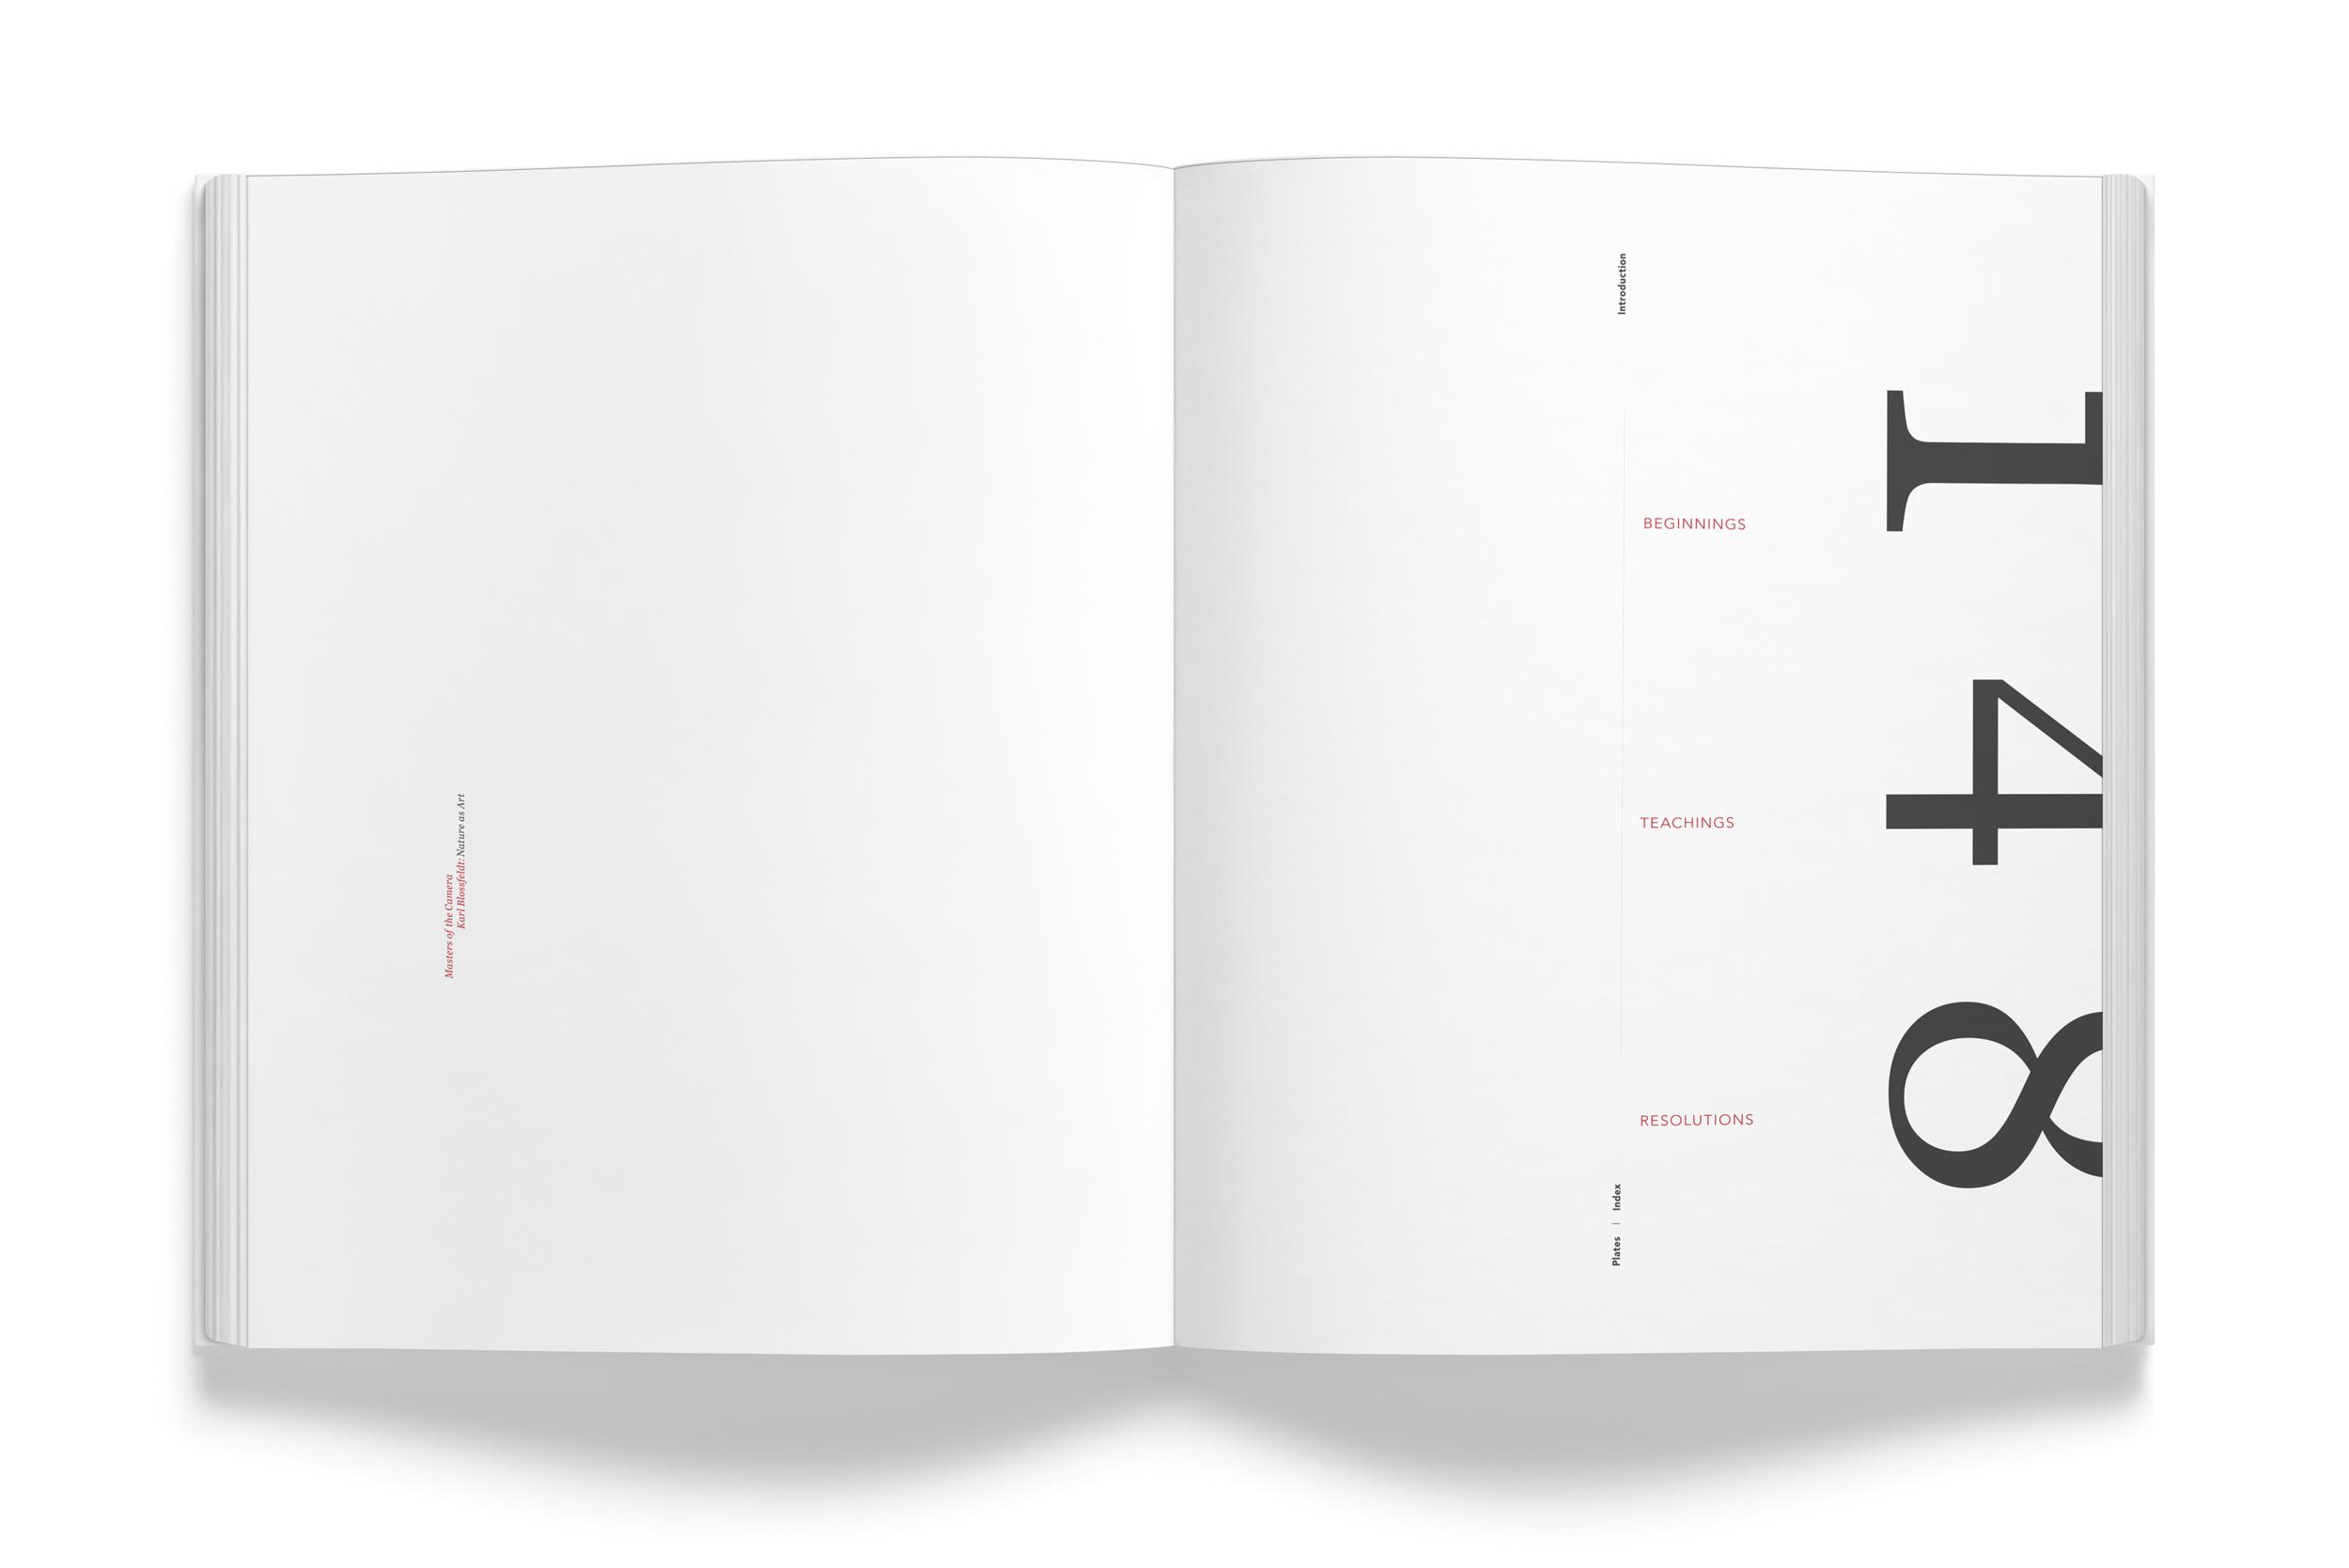 book1_toc.png